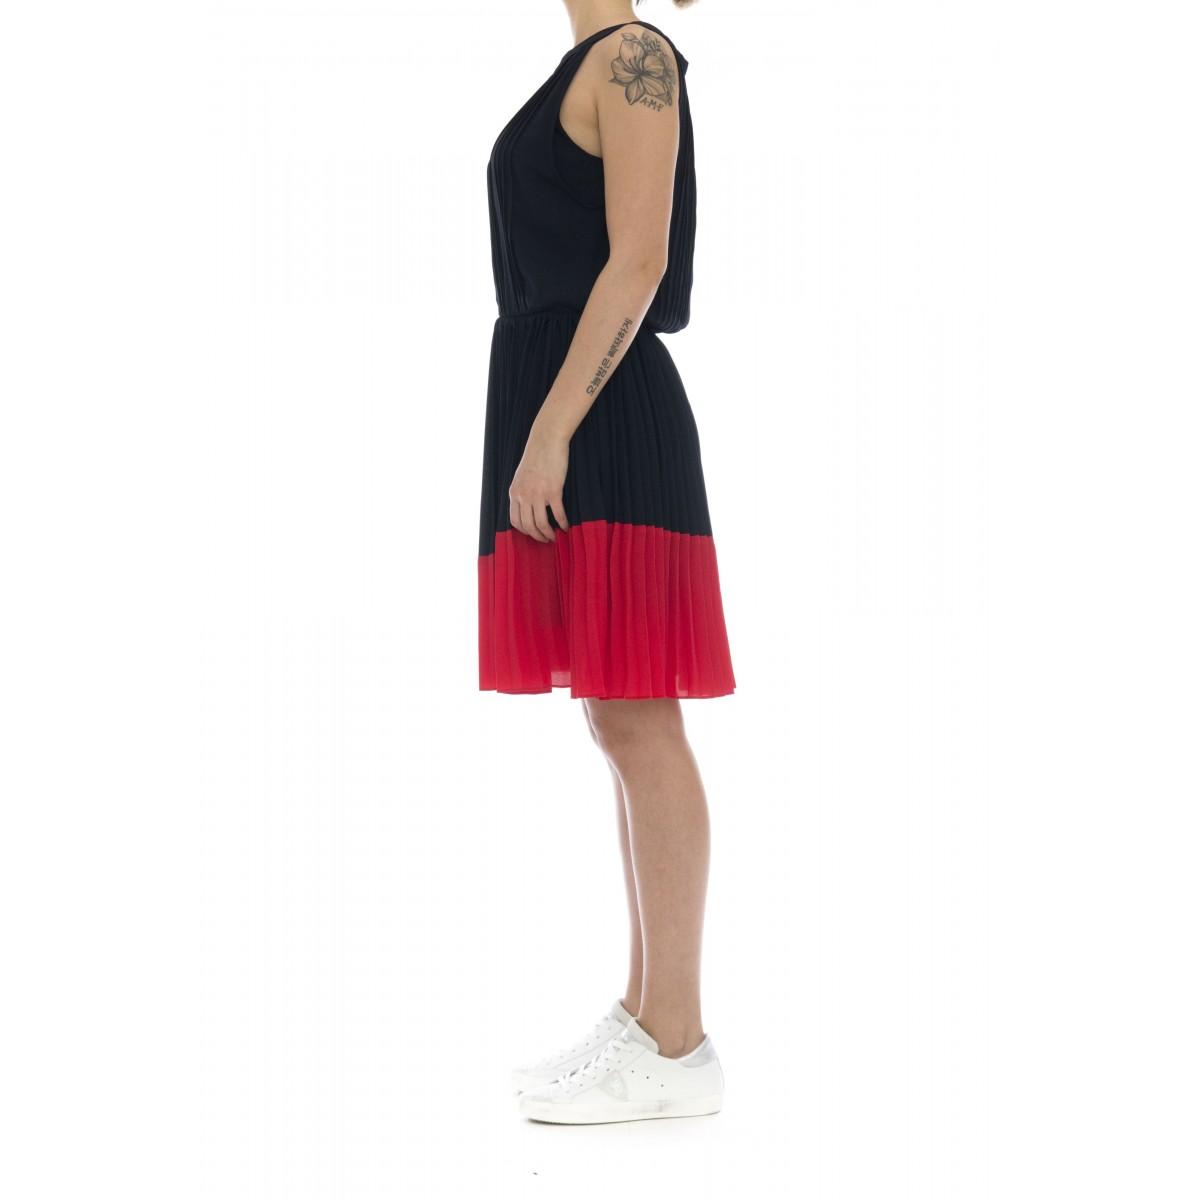 Vestito - Lilly vestito plisse senza manica